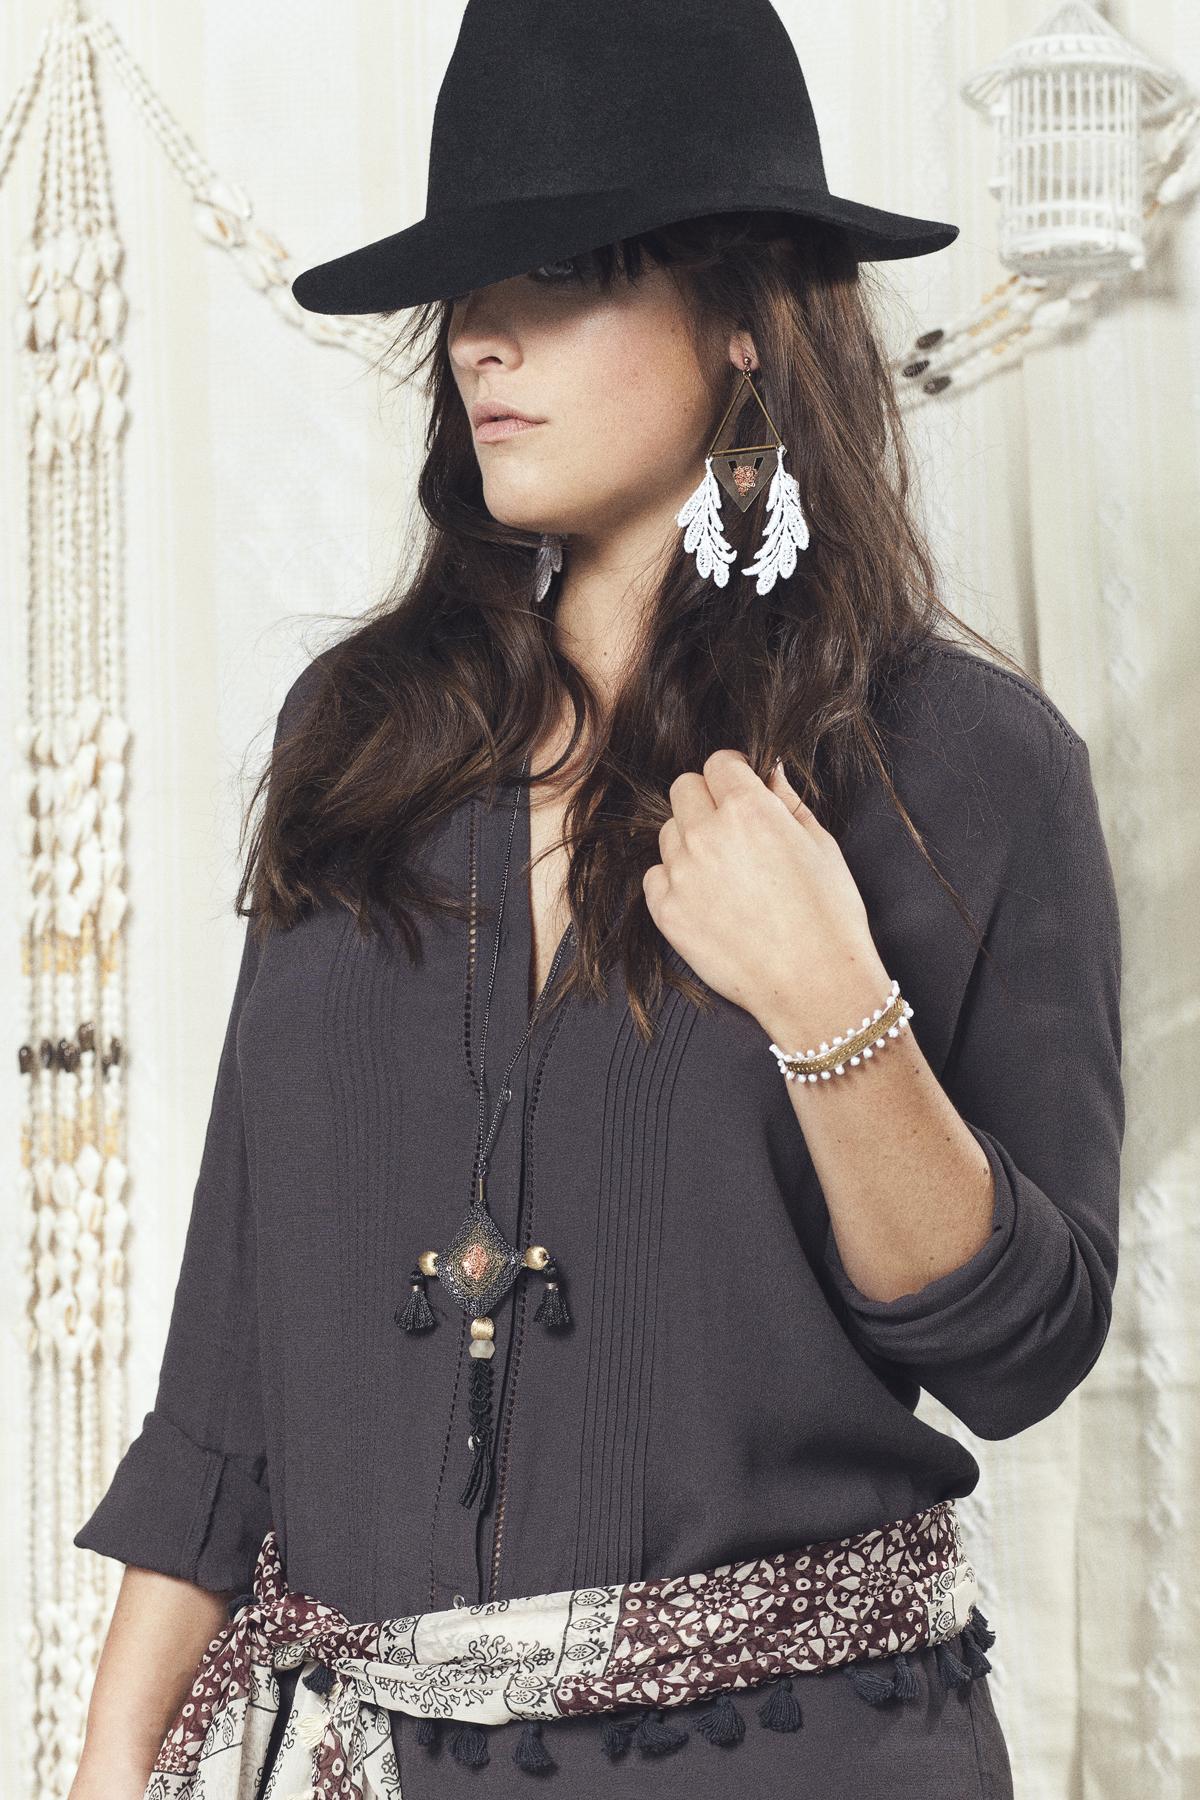 Credo earrings (details here) +  Ojo de Dio necklace (details here ) +  Tao bracelet (details here)